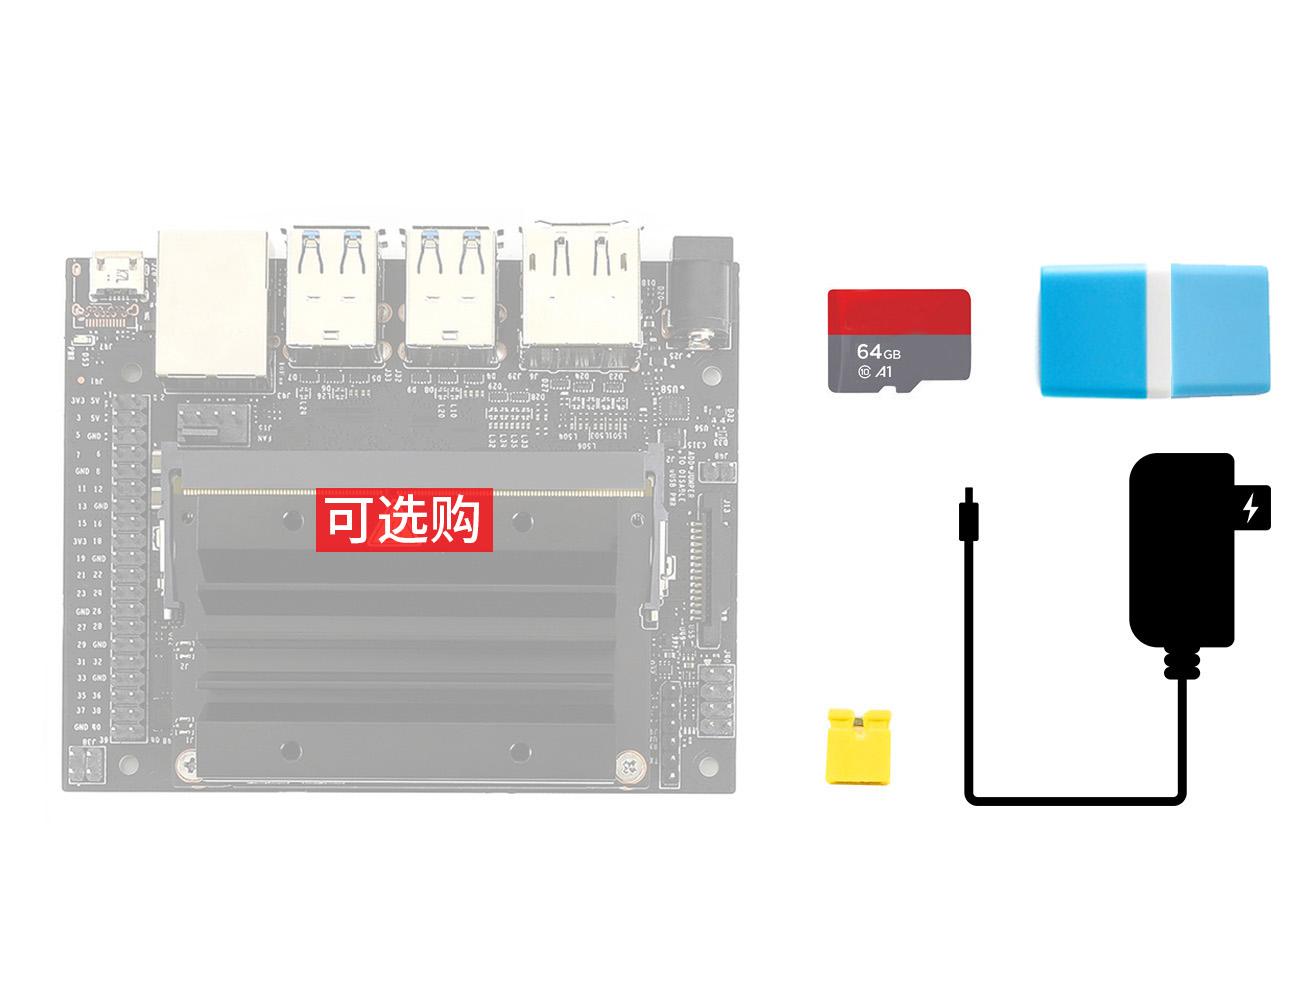 英伟达Jetson Nano AI人工智能开发板配件包A 含64G SD卡 电源等